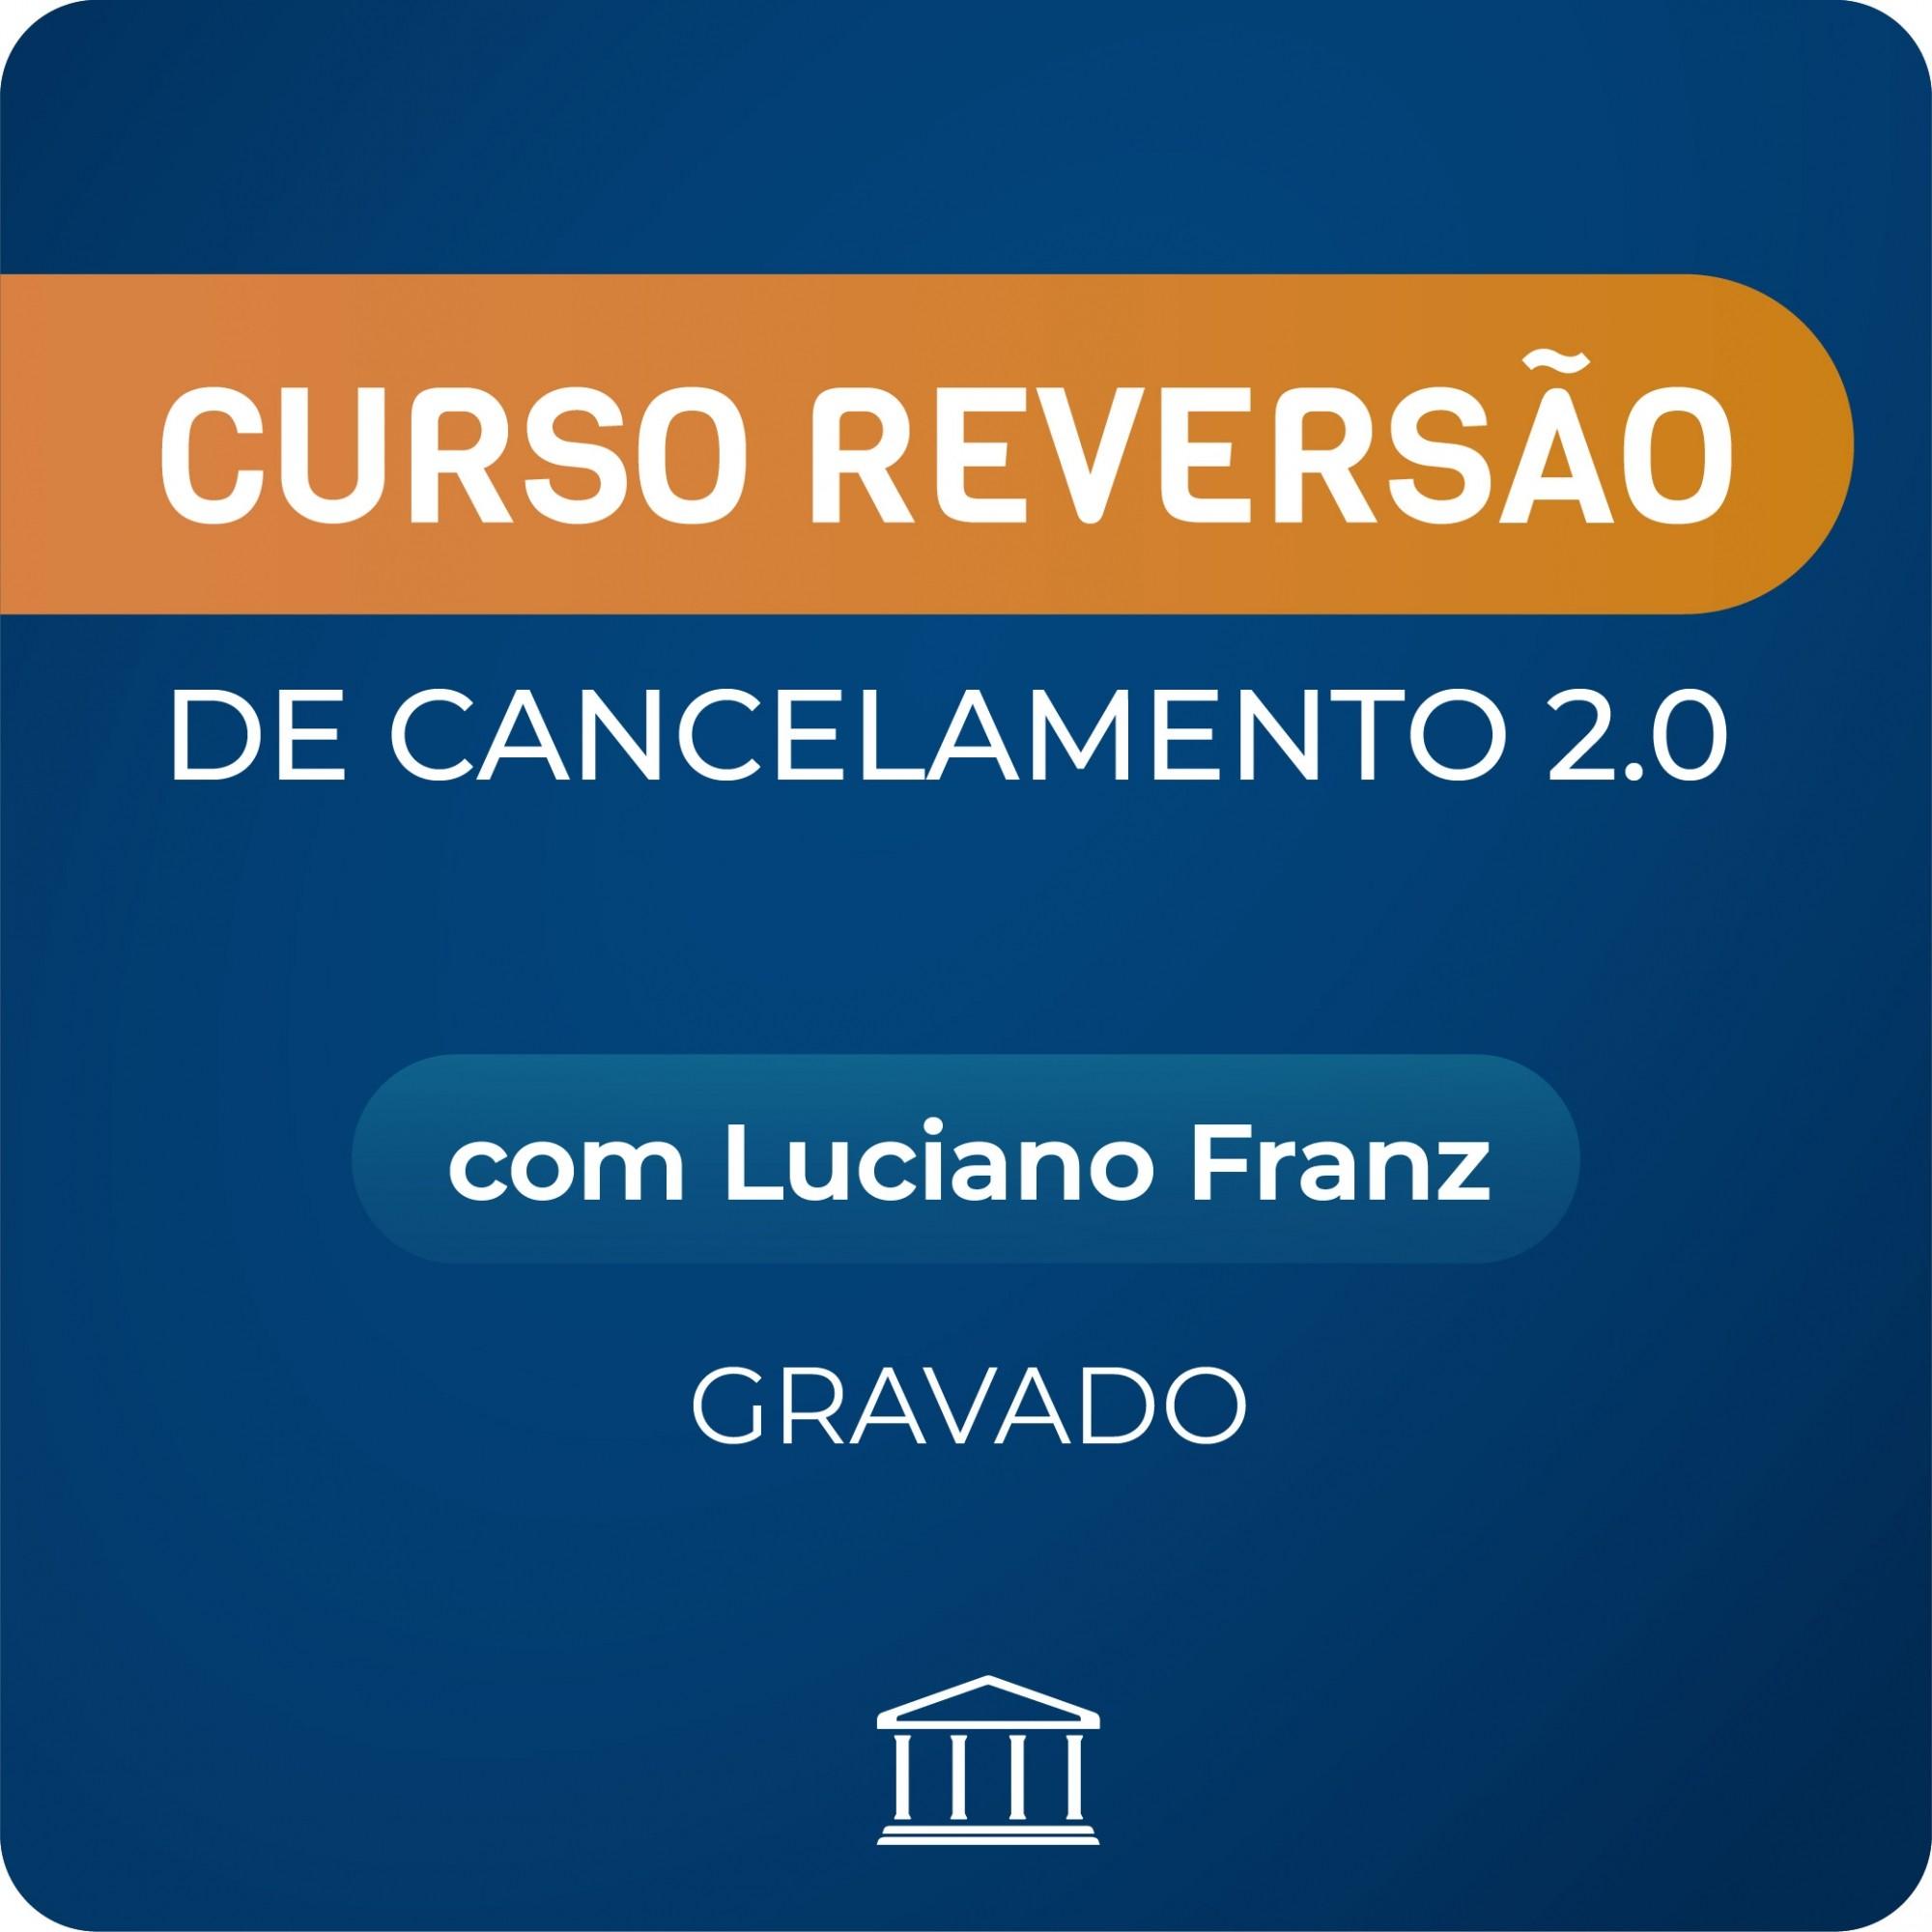 Curso Reversão de Cancelamento 2.0 - com Luciano Franz - GRAVADO  - Voz e Dados